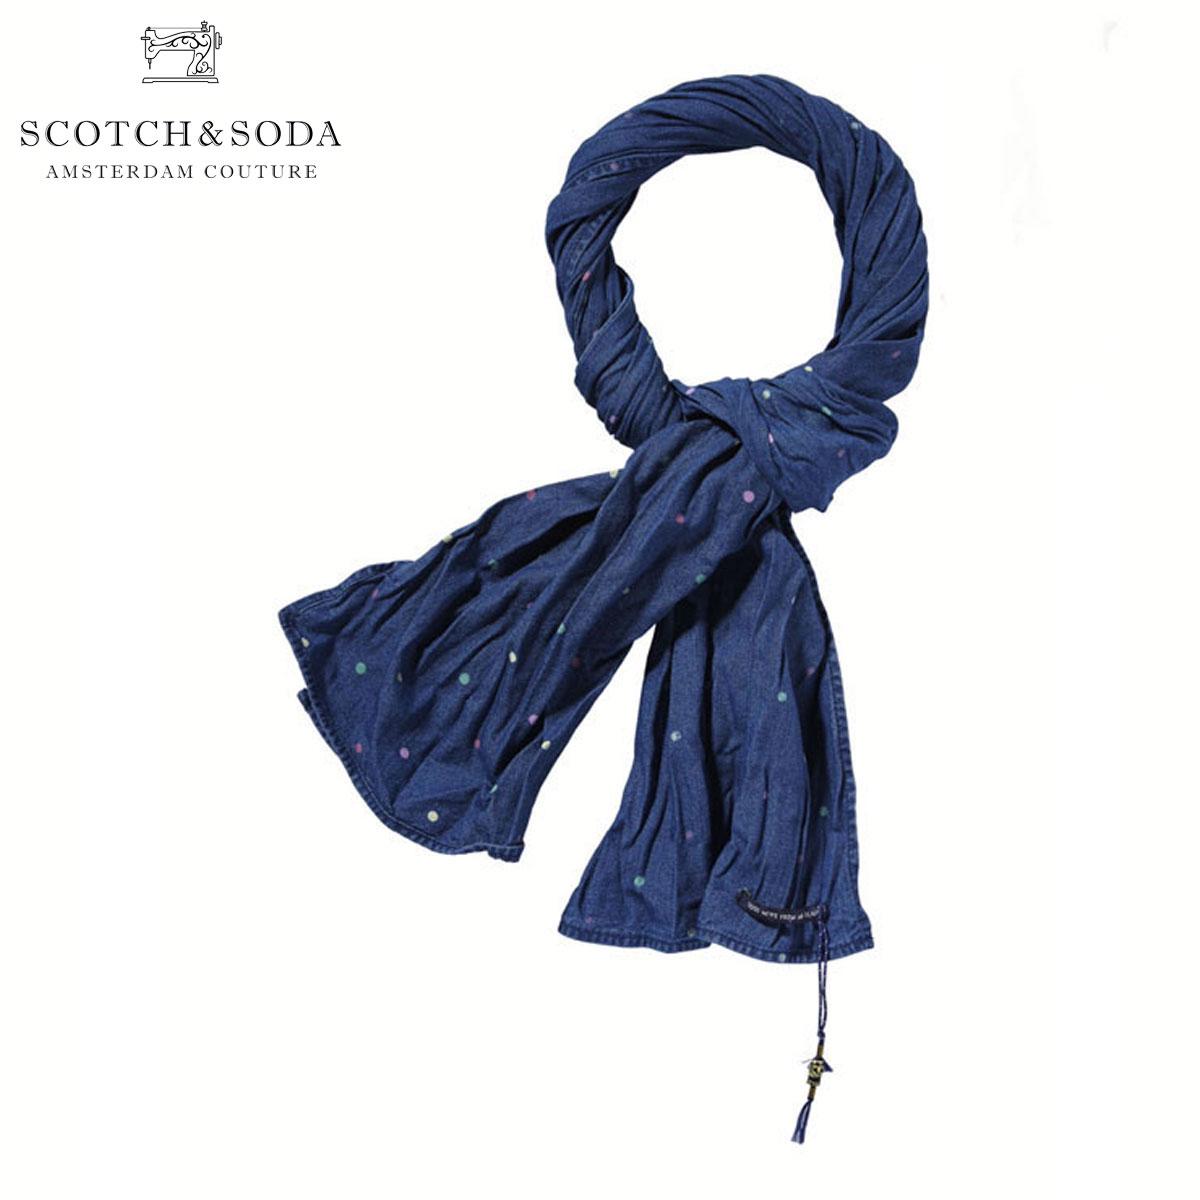 【販売期間 8/1 15:00~8/9 9:59】 スコッチアンドソーダ SCOTCH&SODA 正規販売店 メンズ ストール Indigo dot scarf 128136 B